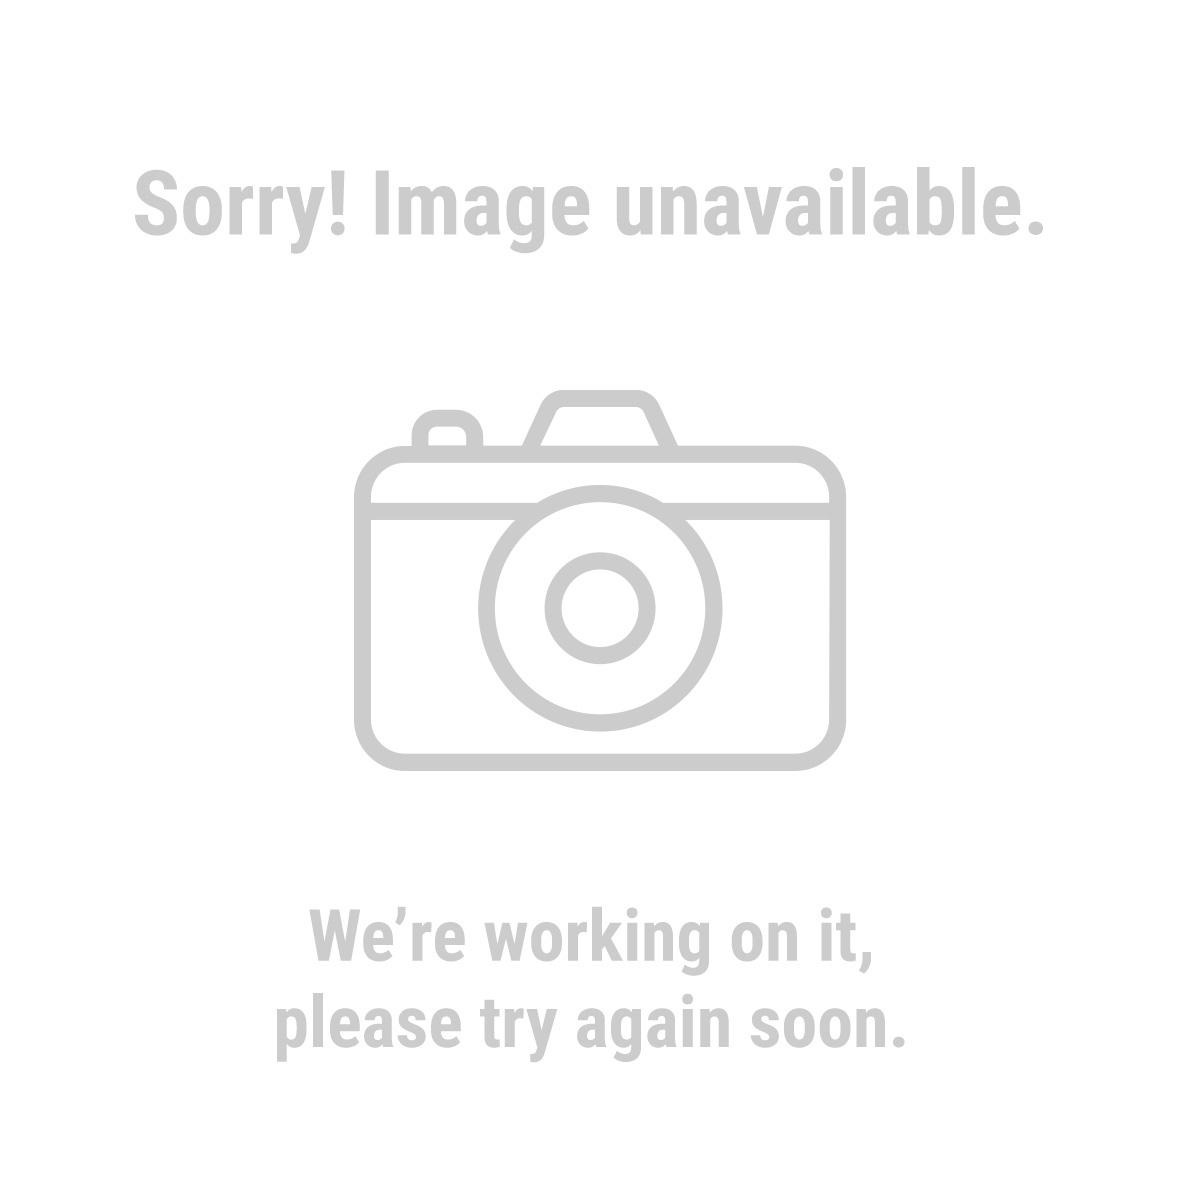 Pack Of 100 Industrial Vinyl Gloves Medium